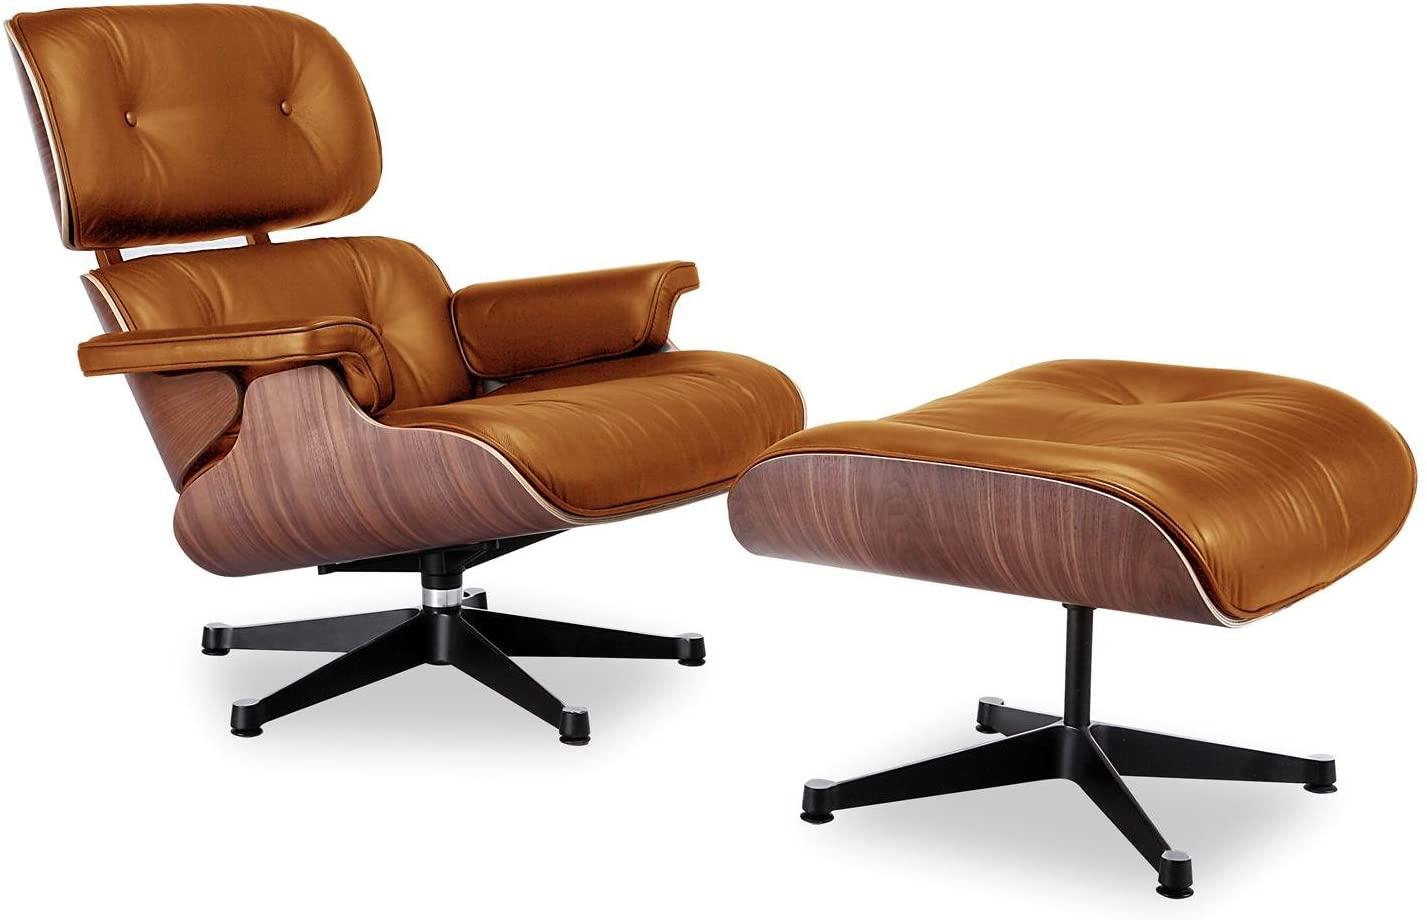 Poltrona Charles Eames com Puff couro envelhecido